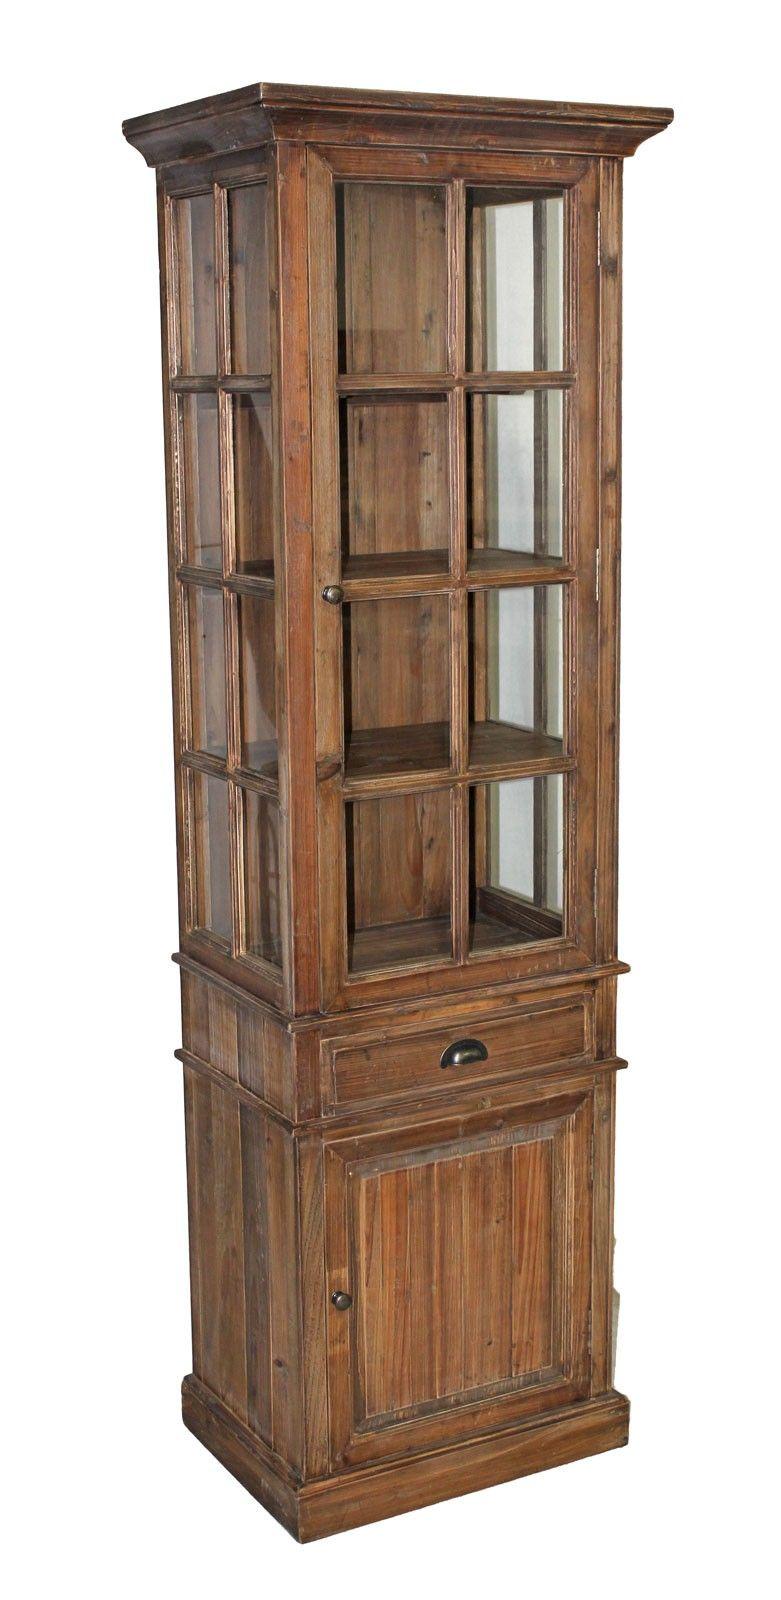 Jj 1308 Jj1308 Pine Cabinet